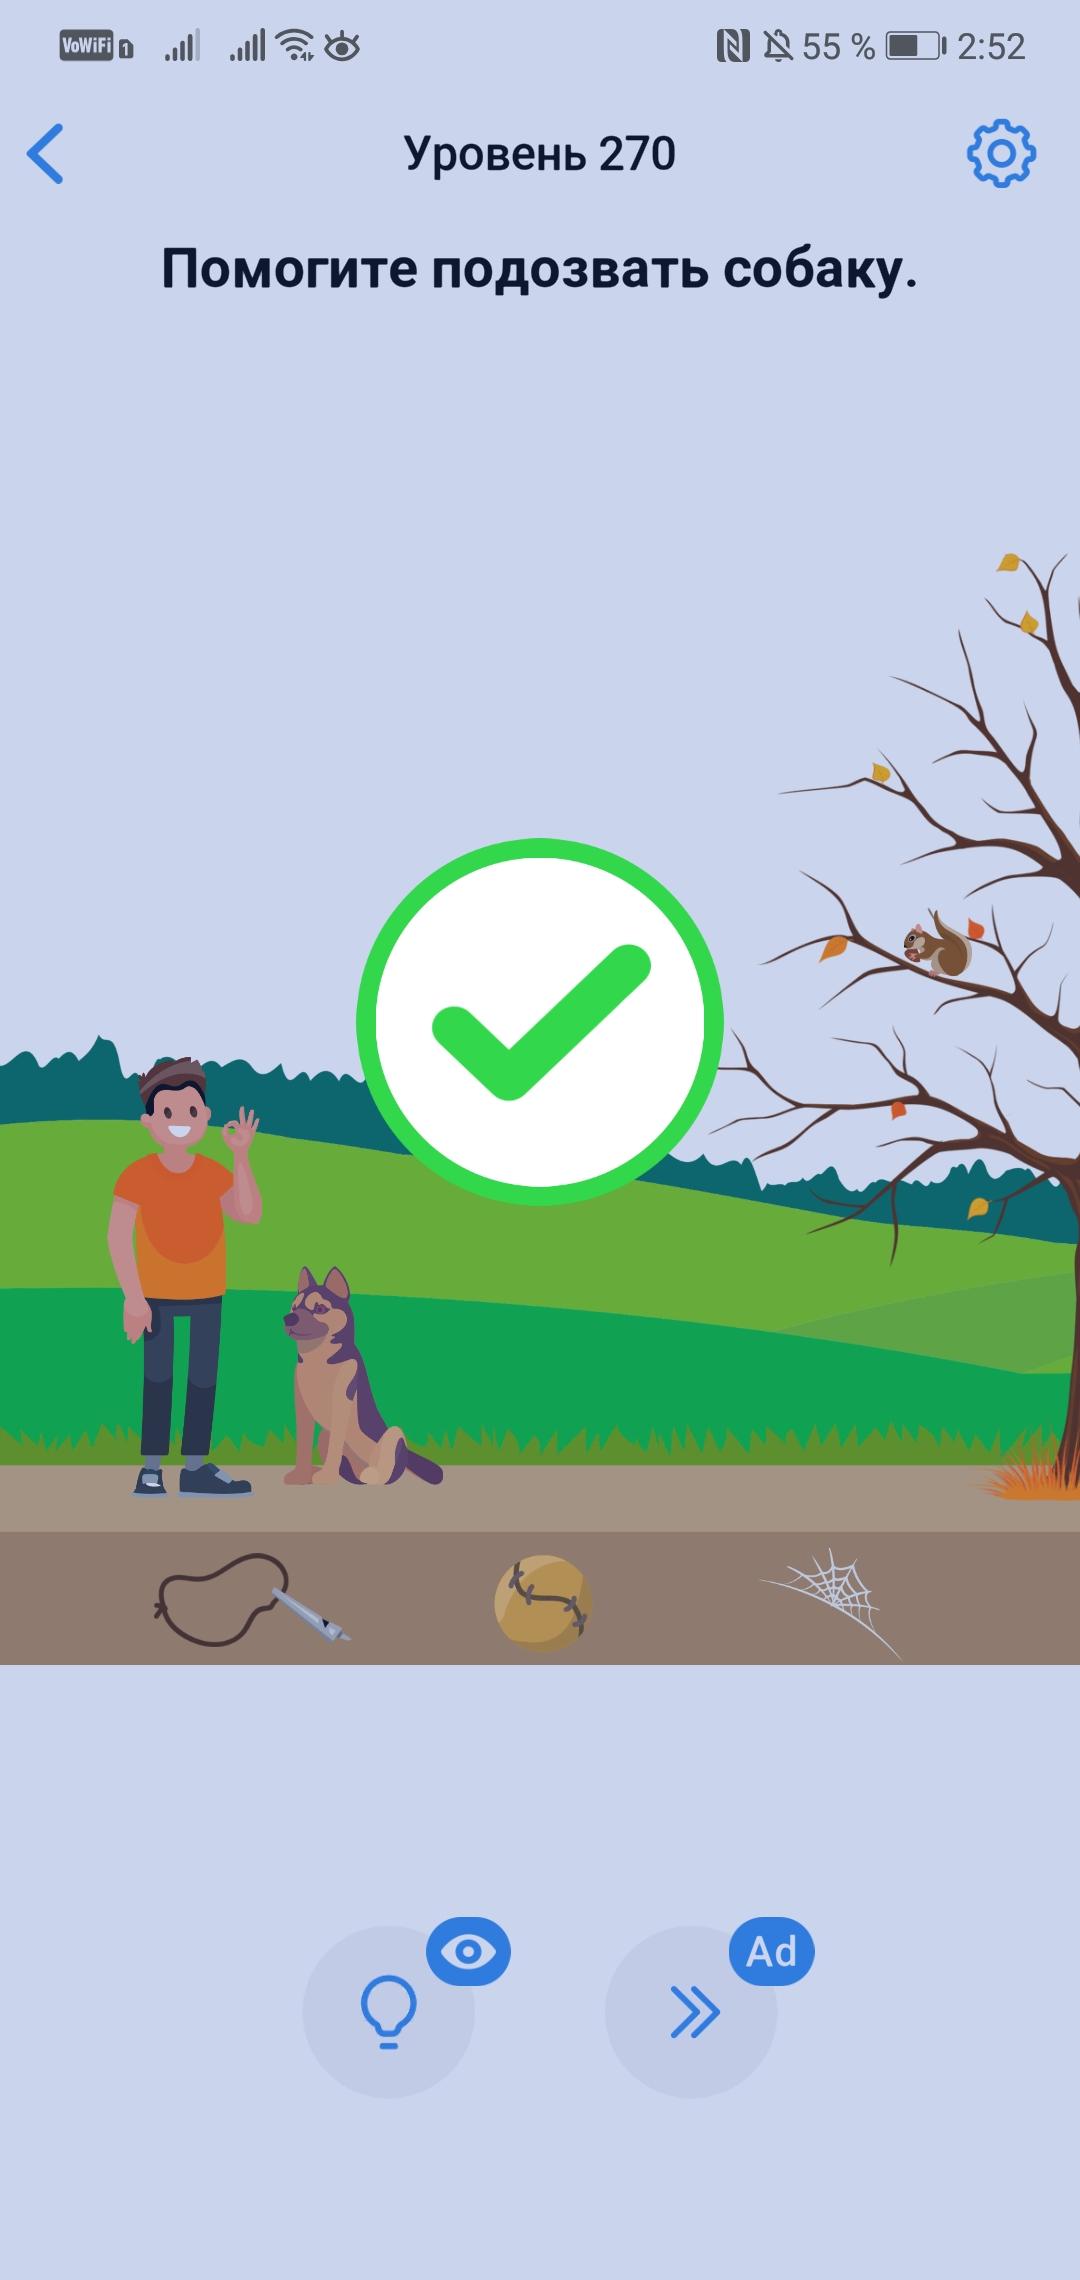 Easy Game - 270 уровень - Помогите подозвать собаку.